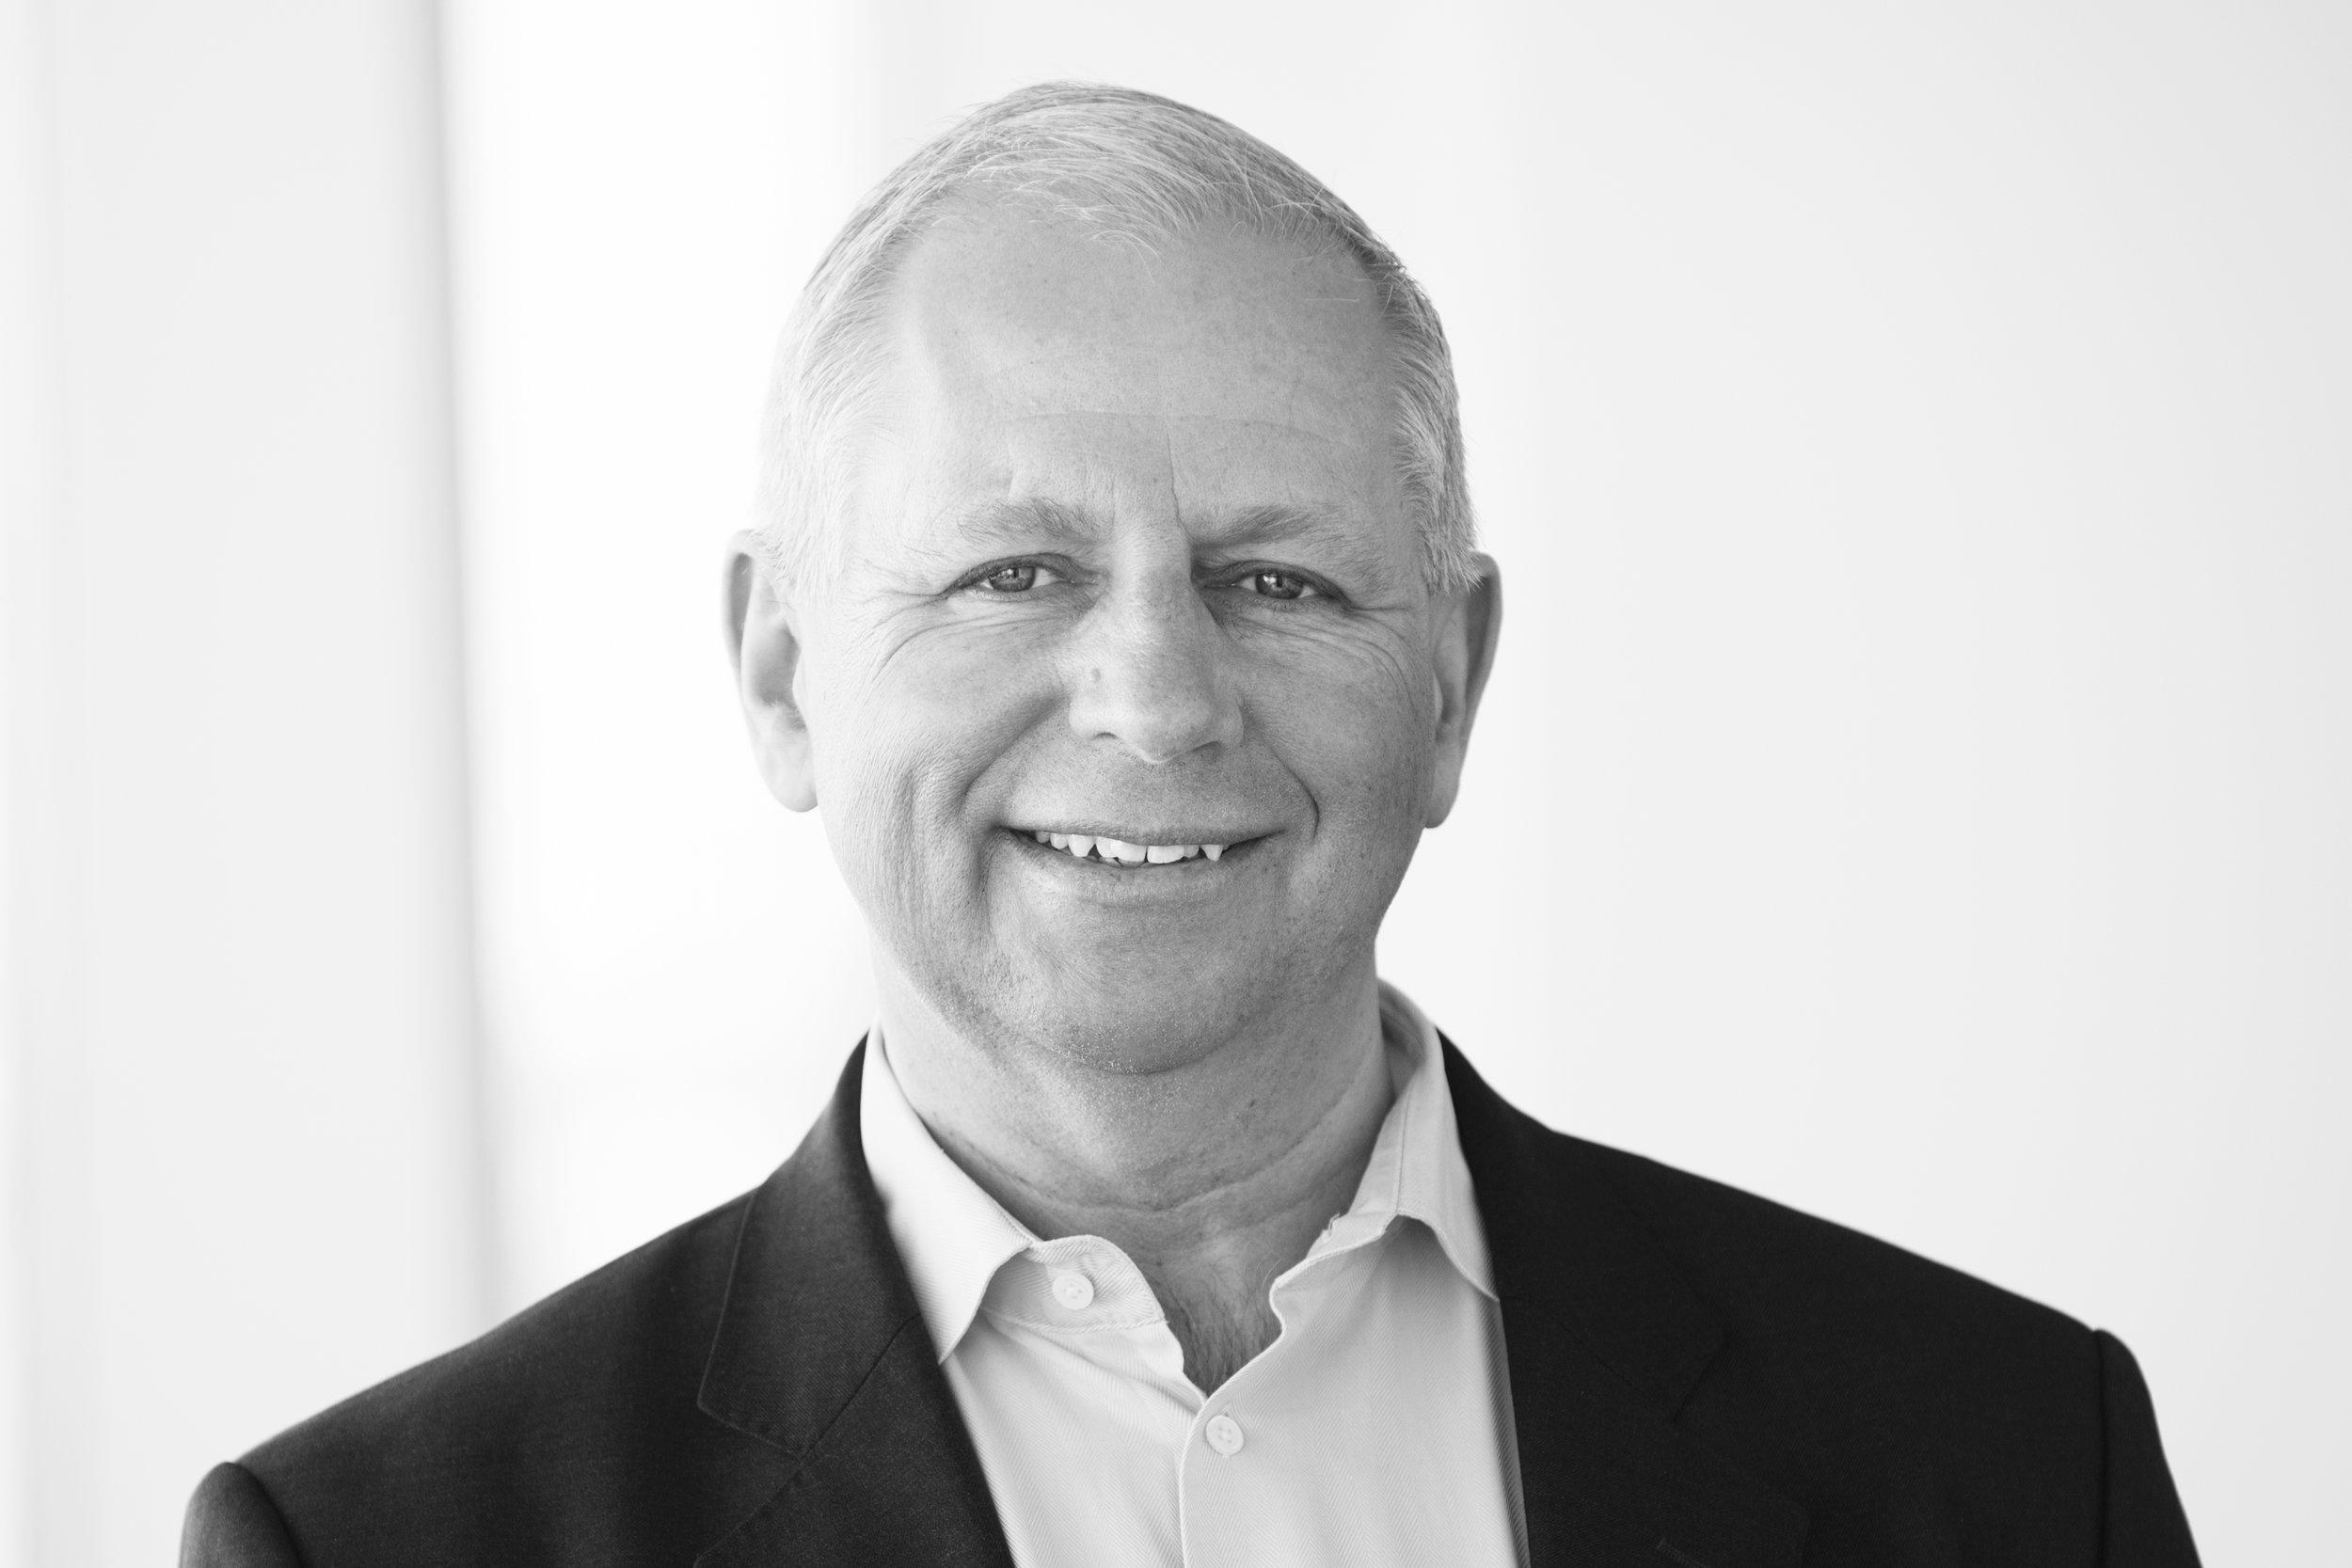 Mikael Forss - Senior AdvisorMikael on työskennellyt terveyspalvelualan yrityksissä sekä julkisella että yksityisellä sektorilla. Hän on muun muassa toiminut strategiapäällikkönä ja CFO:na AstraZenecalla. Karolinska Universitetssjukhusetissä hän on toiminut sairaalajohtajana ja Region Uppsalassa CFO:na. Lue lisää →+46 (0)70 737 39 95 mikael.forss@nordicinterim.com